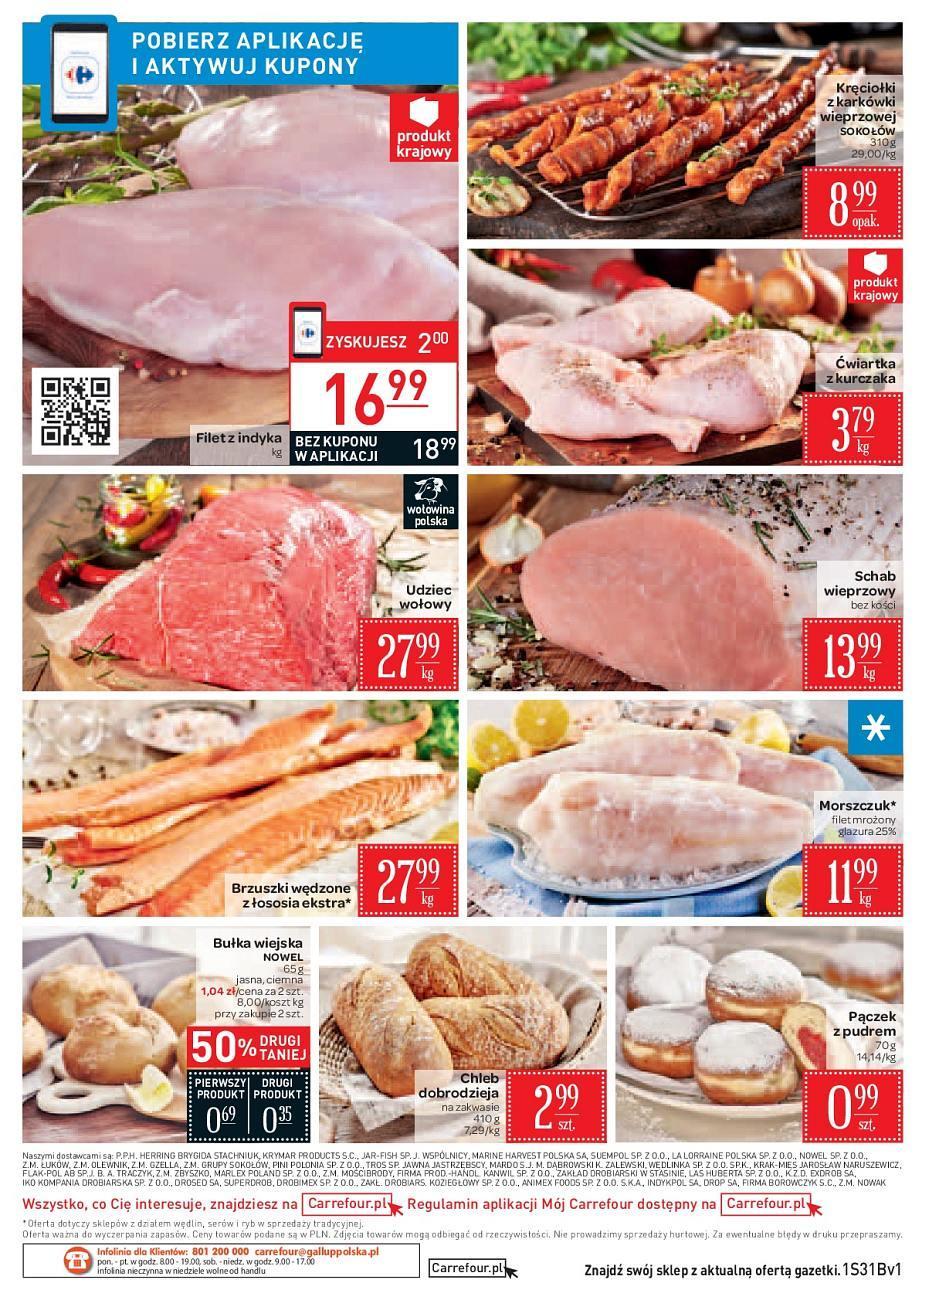 Gazetka promocyjna Carrefour Market do 06/08/2018 str.1